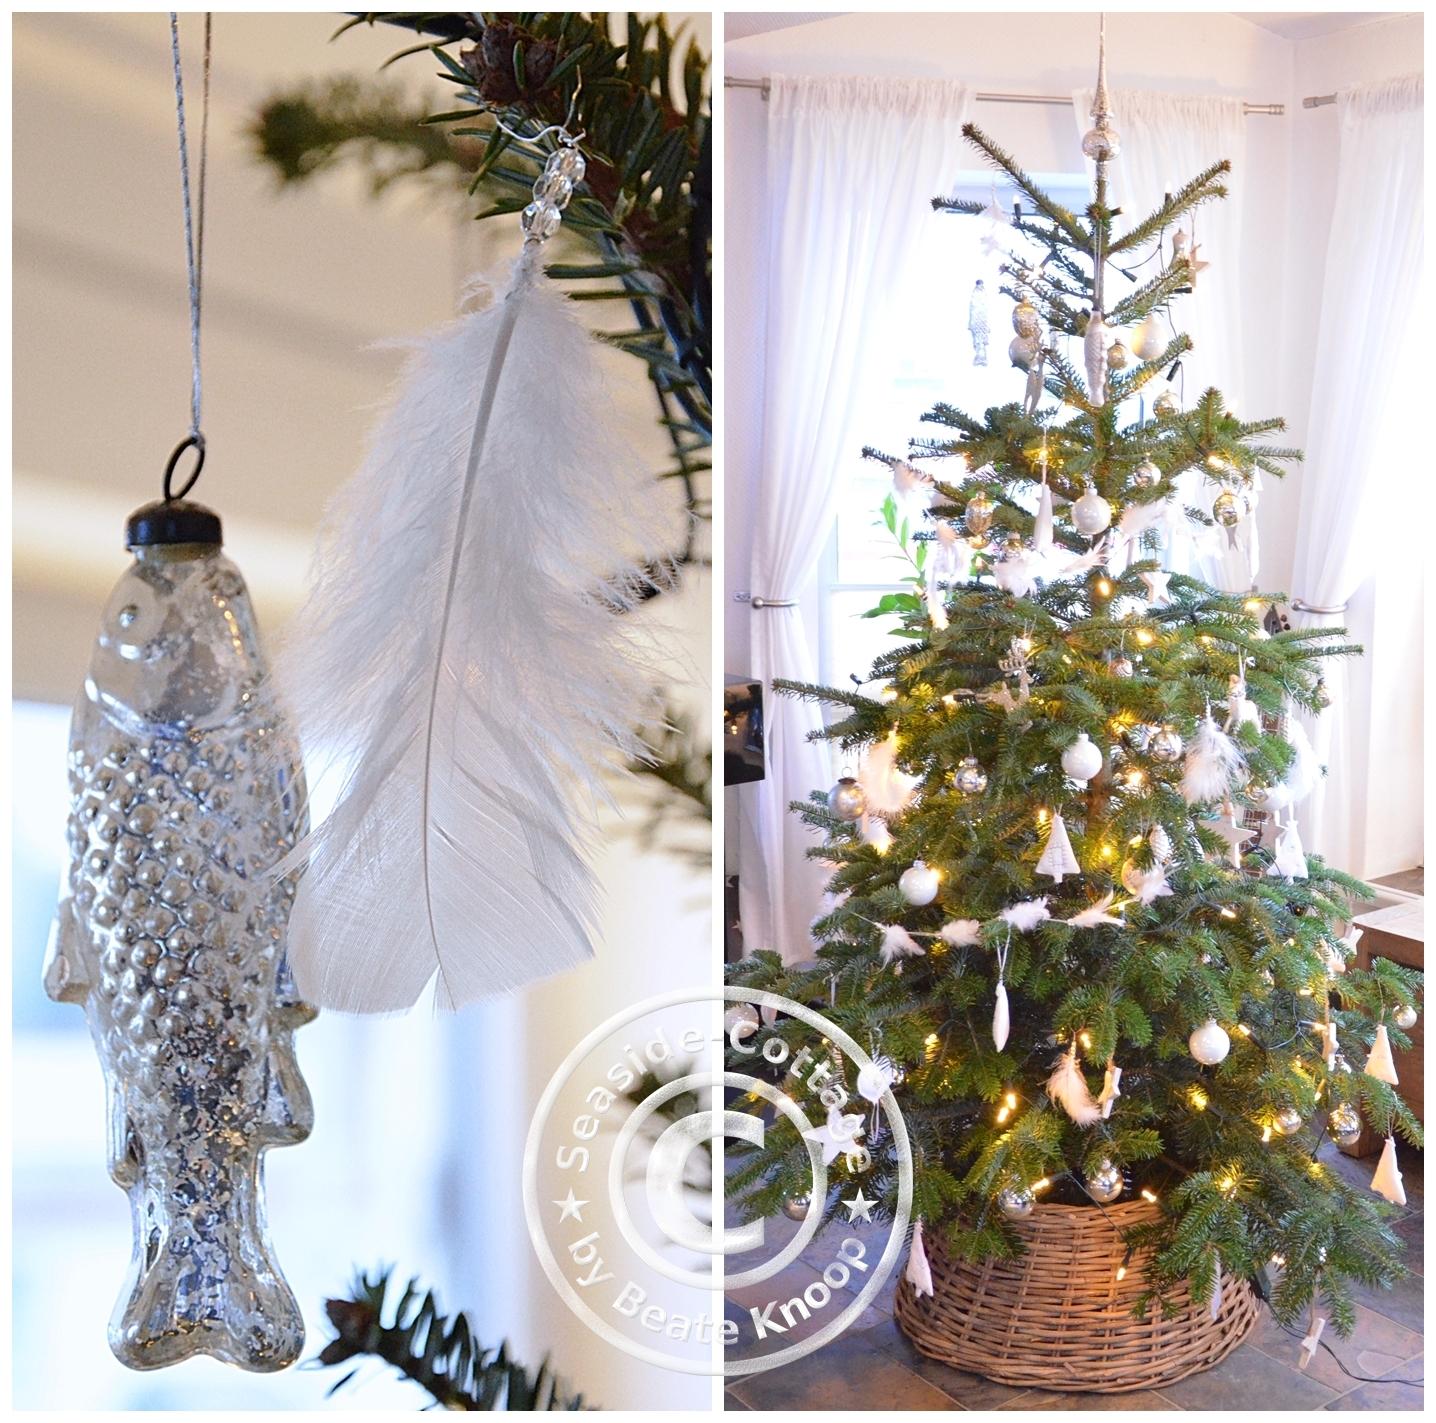 seaside cottage unser tannenbaum und ein weihnachtsbaumschmuck diy mit federn. Black Bedroom Furniture Sets. Home Design Ideas